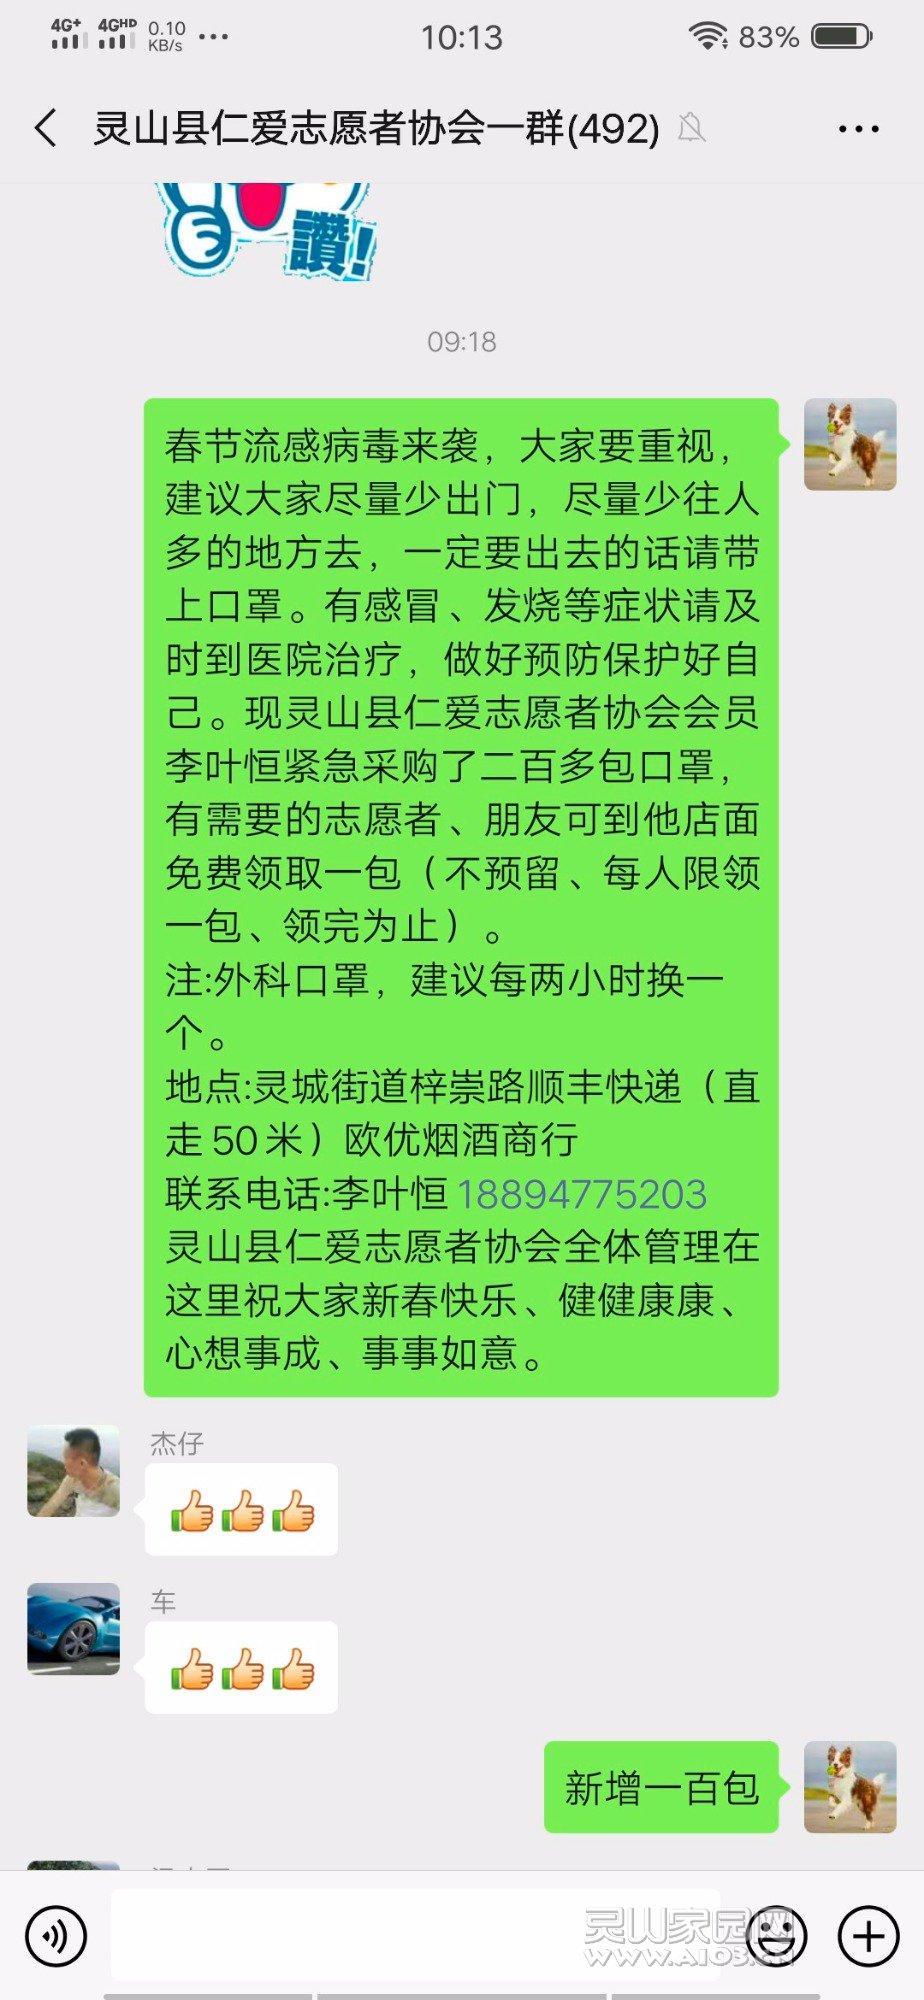 Screenshot_2020_0124_101338.jpg